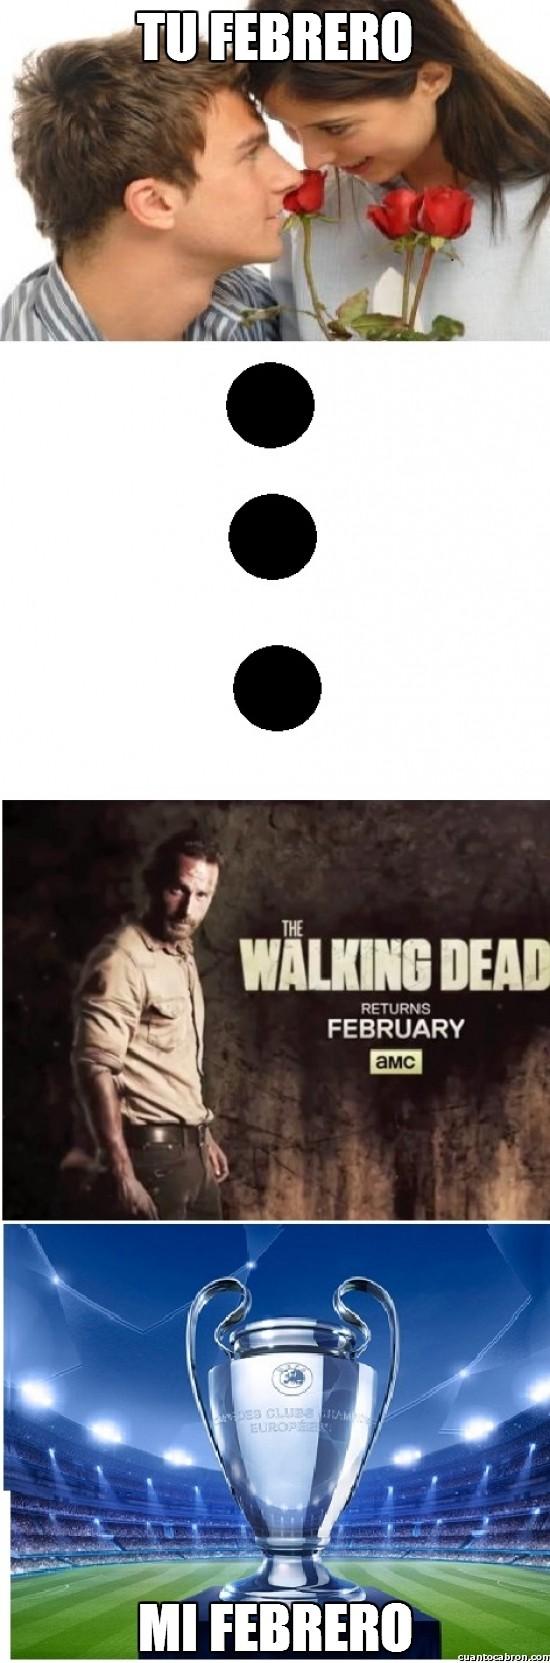 Meme_otros - Cada uno tiene su febrero a su manera